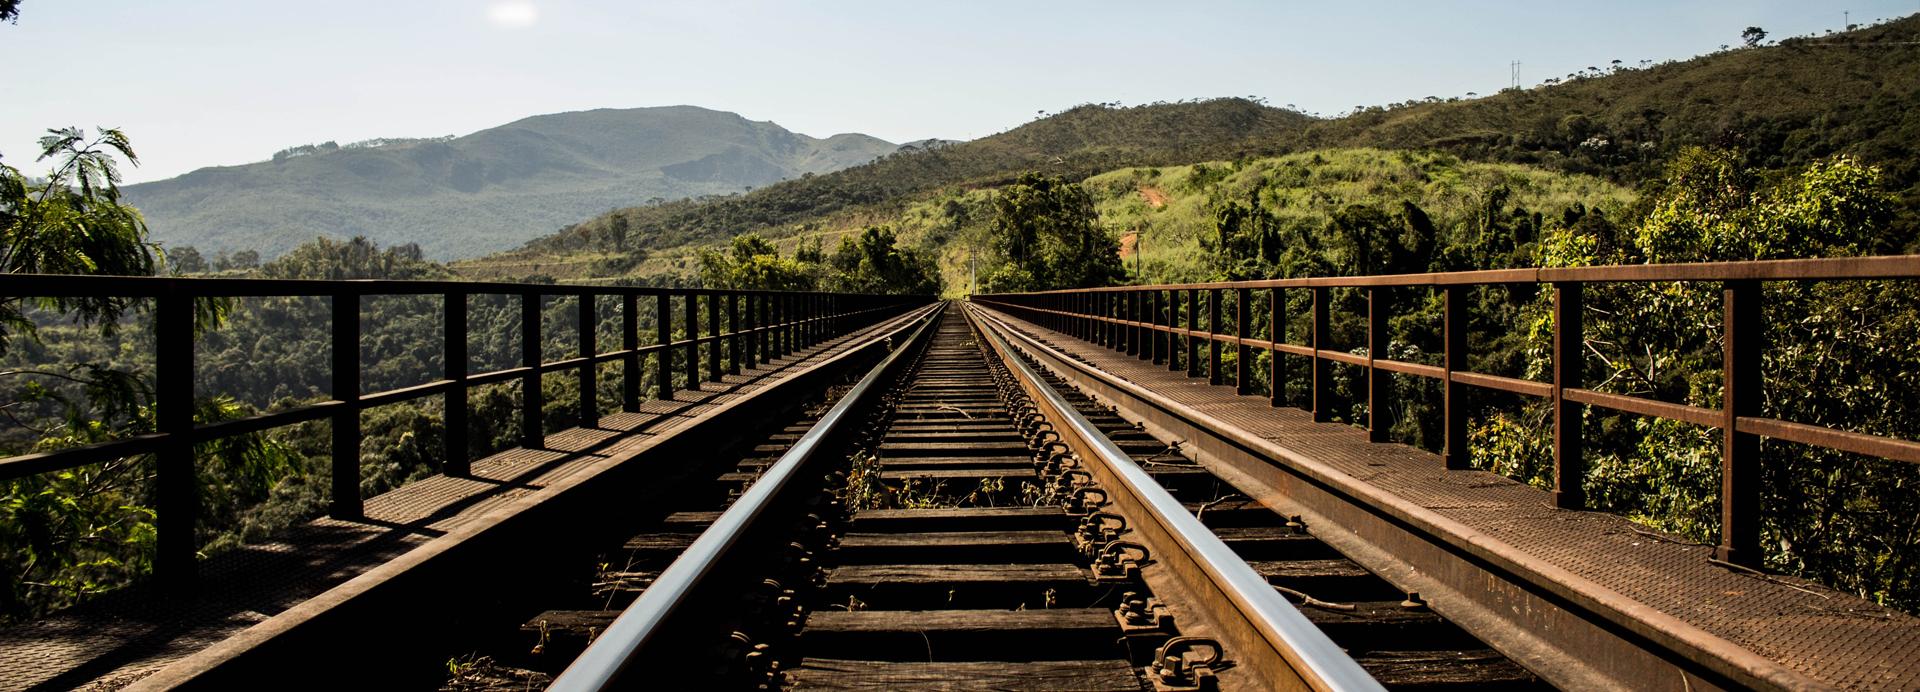 Guardrail 4.jpg